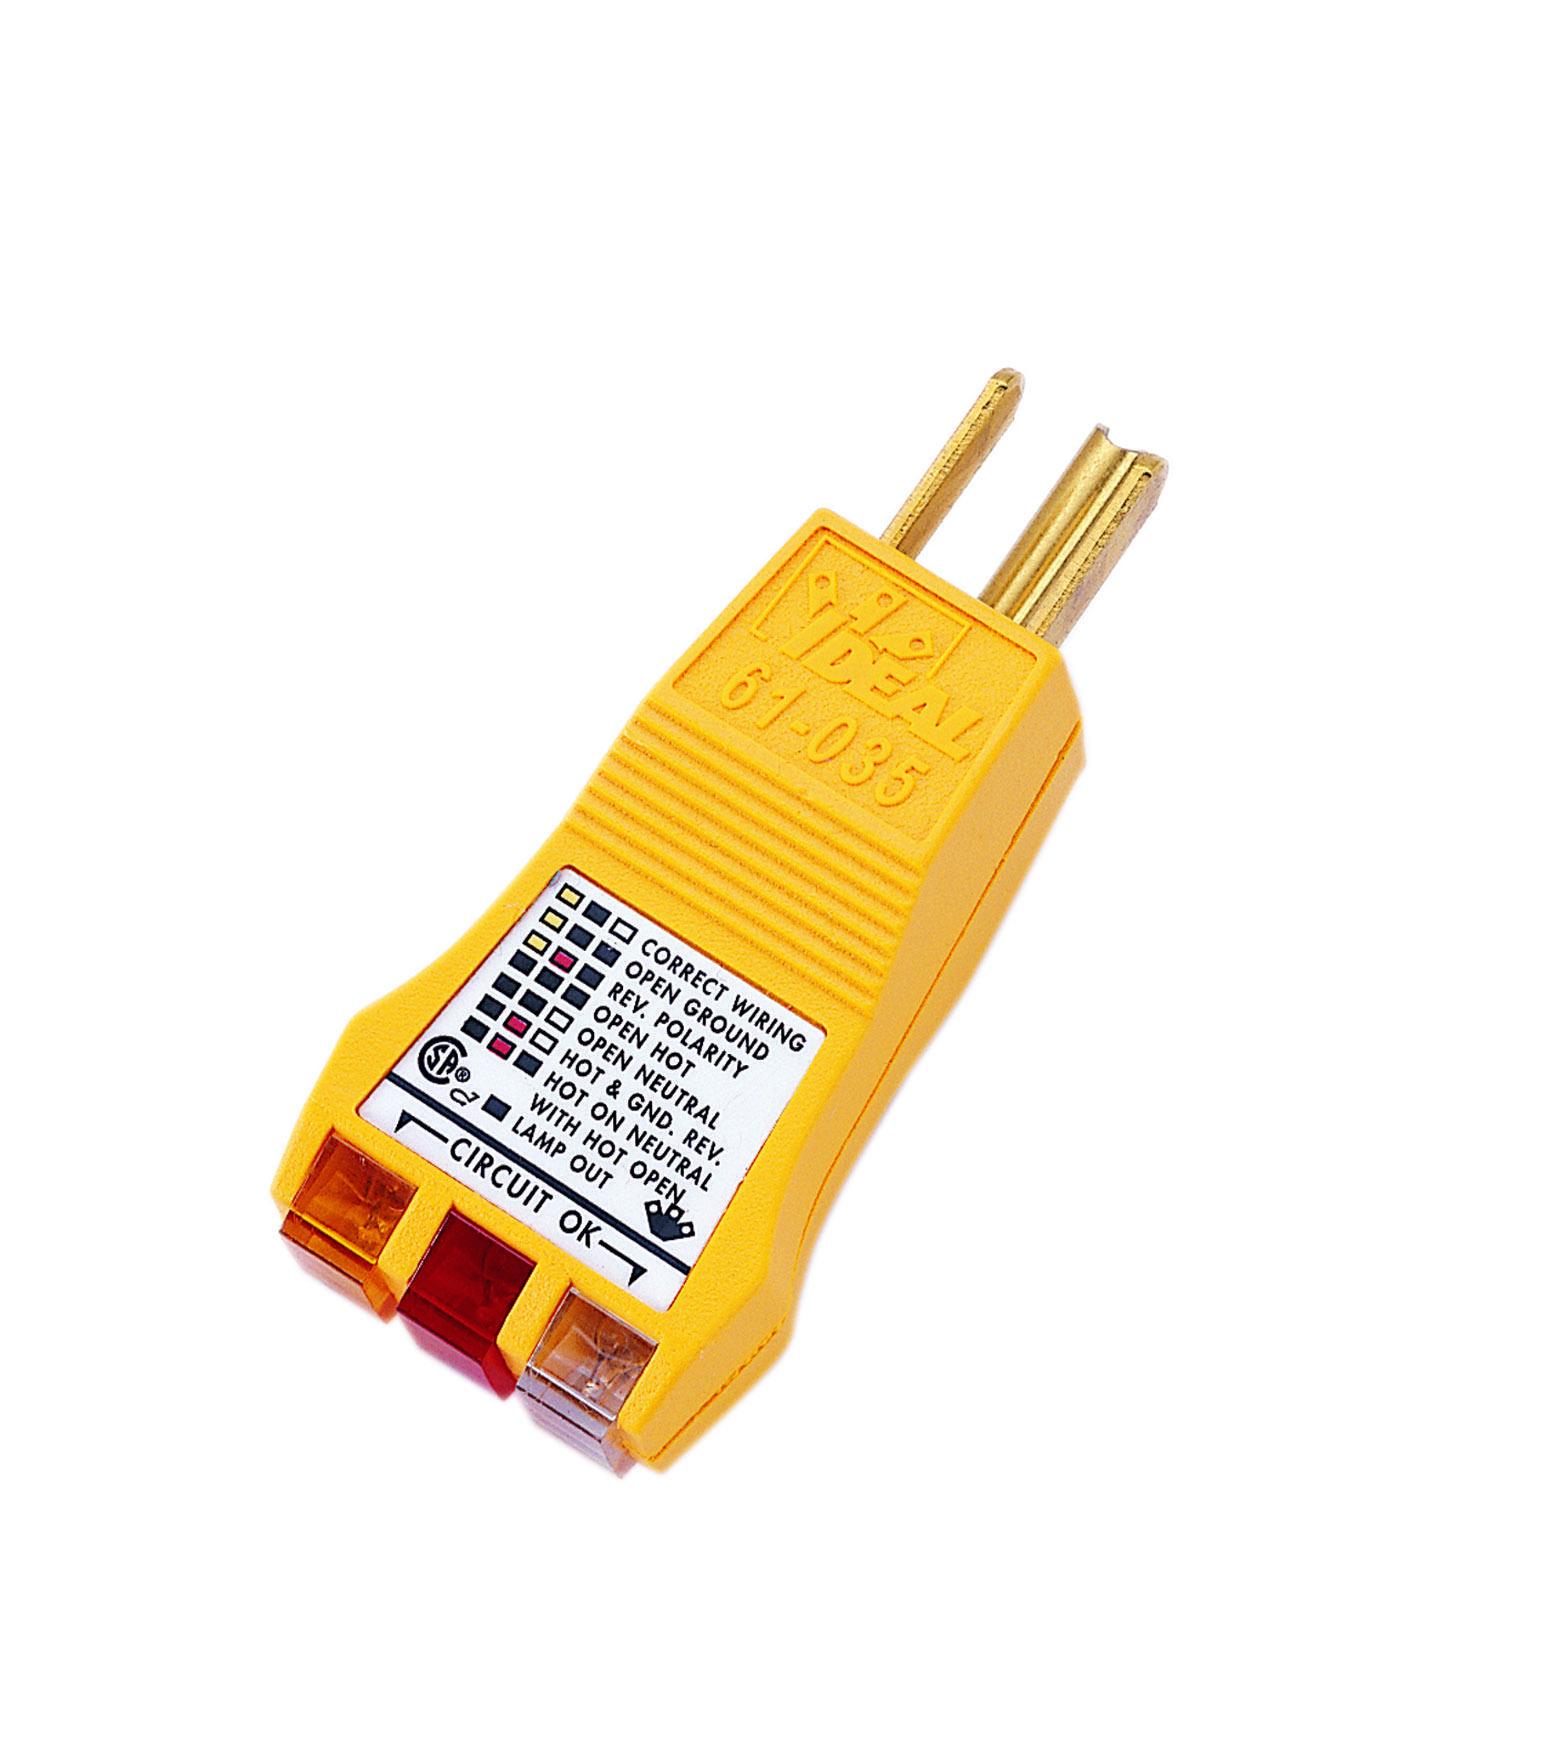 IDEAL 61-035 E-Z Check Circuit Tester